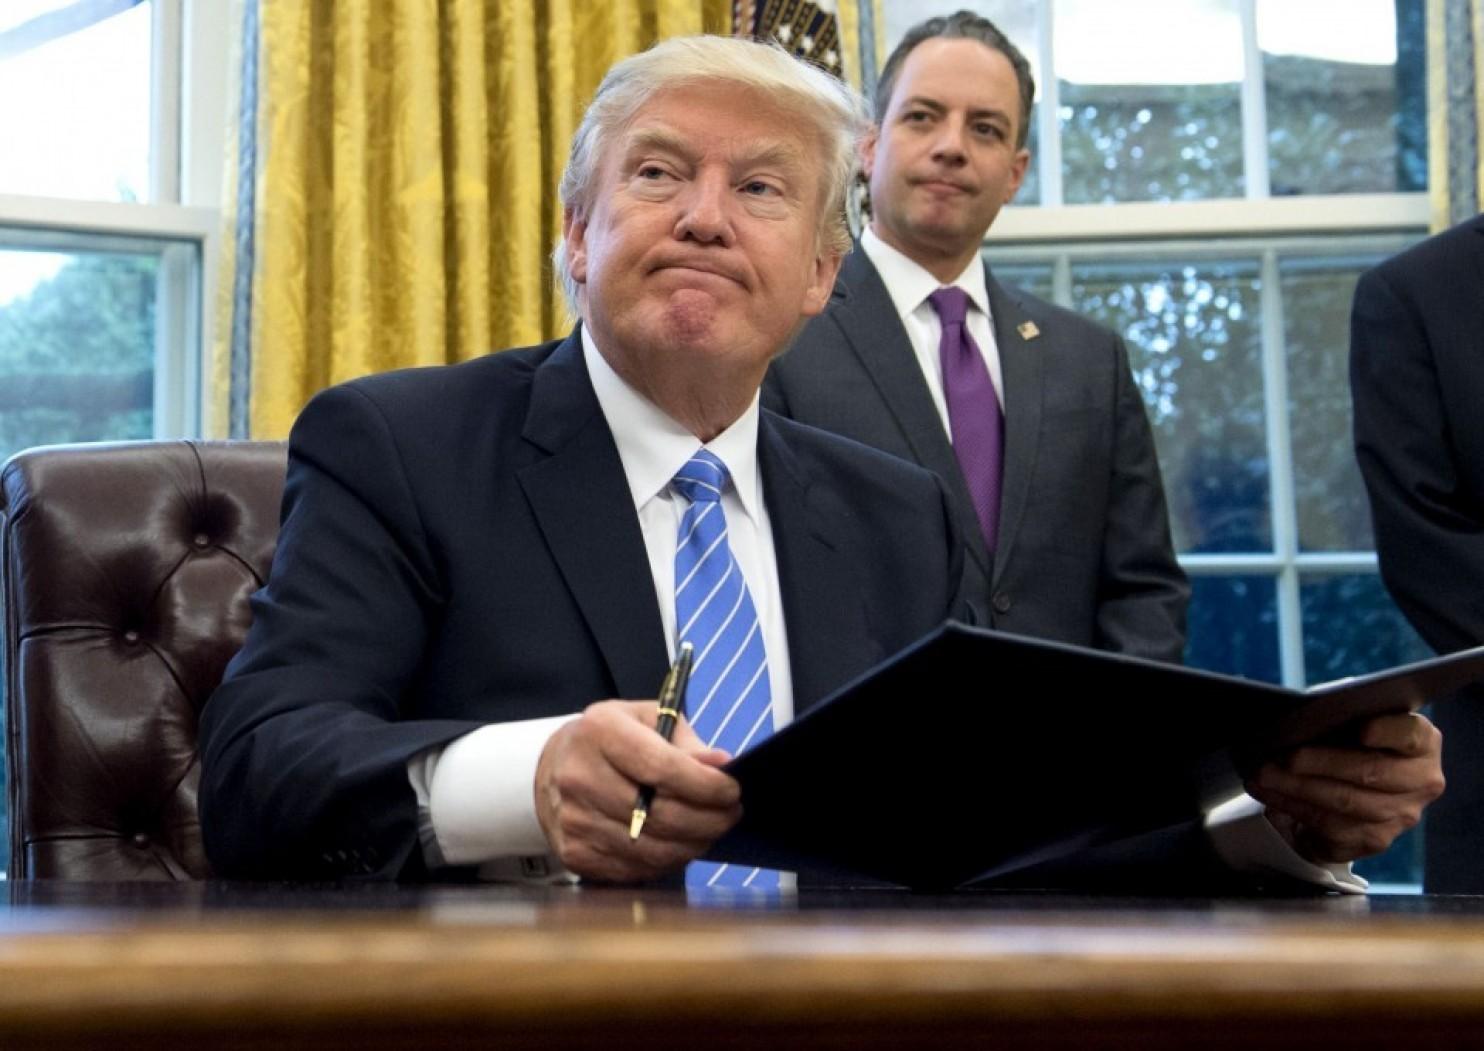 انتقاد صریح دوست قدیمی ترامپ از رئیس دفتر وی: پریبس باید برکنار شود